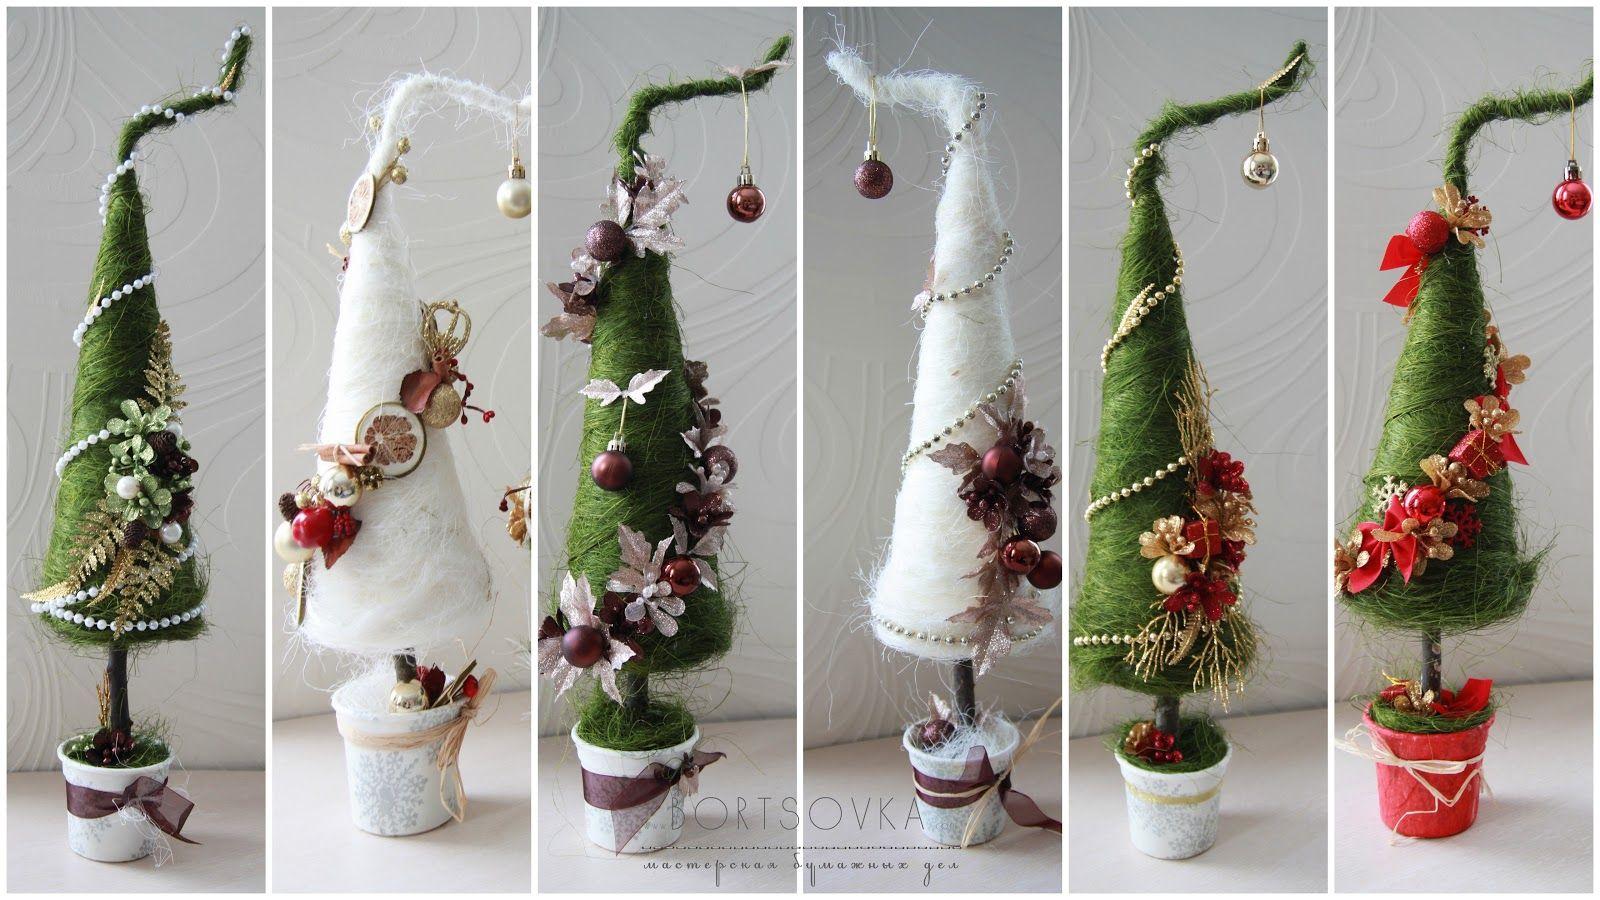 Топиарий из сизаля в интерьере: как сделать декоративное дерево своими руками